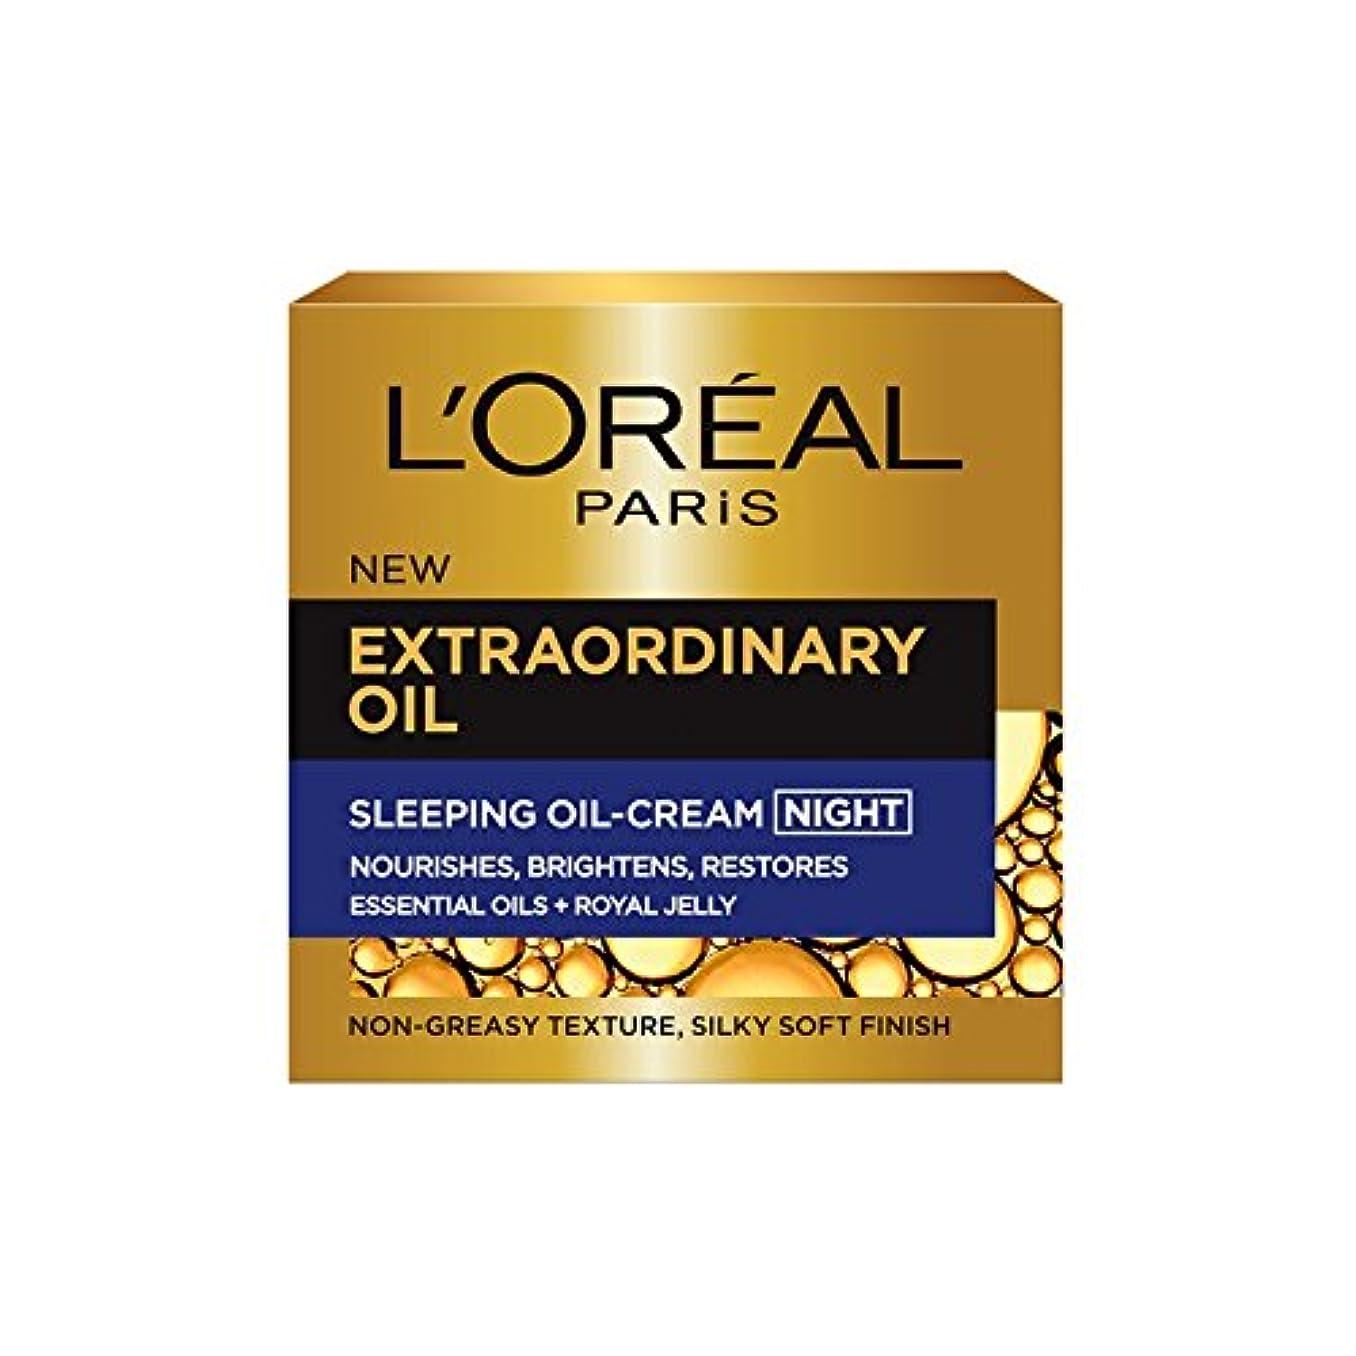 引き出しジム対称ロレアルパリ臨時油眠っオイルナイトクリーム(50ミリリットル) x2 - L'Or?al Paris Extraordinary Oil Sleeping Oil Night Cream (50ml) (Pack of 2) [並行輸入品]